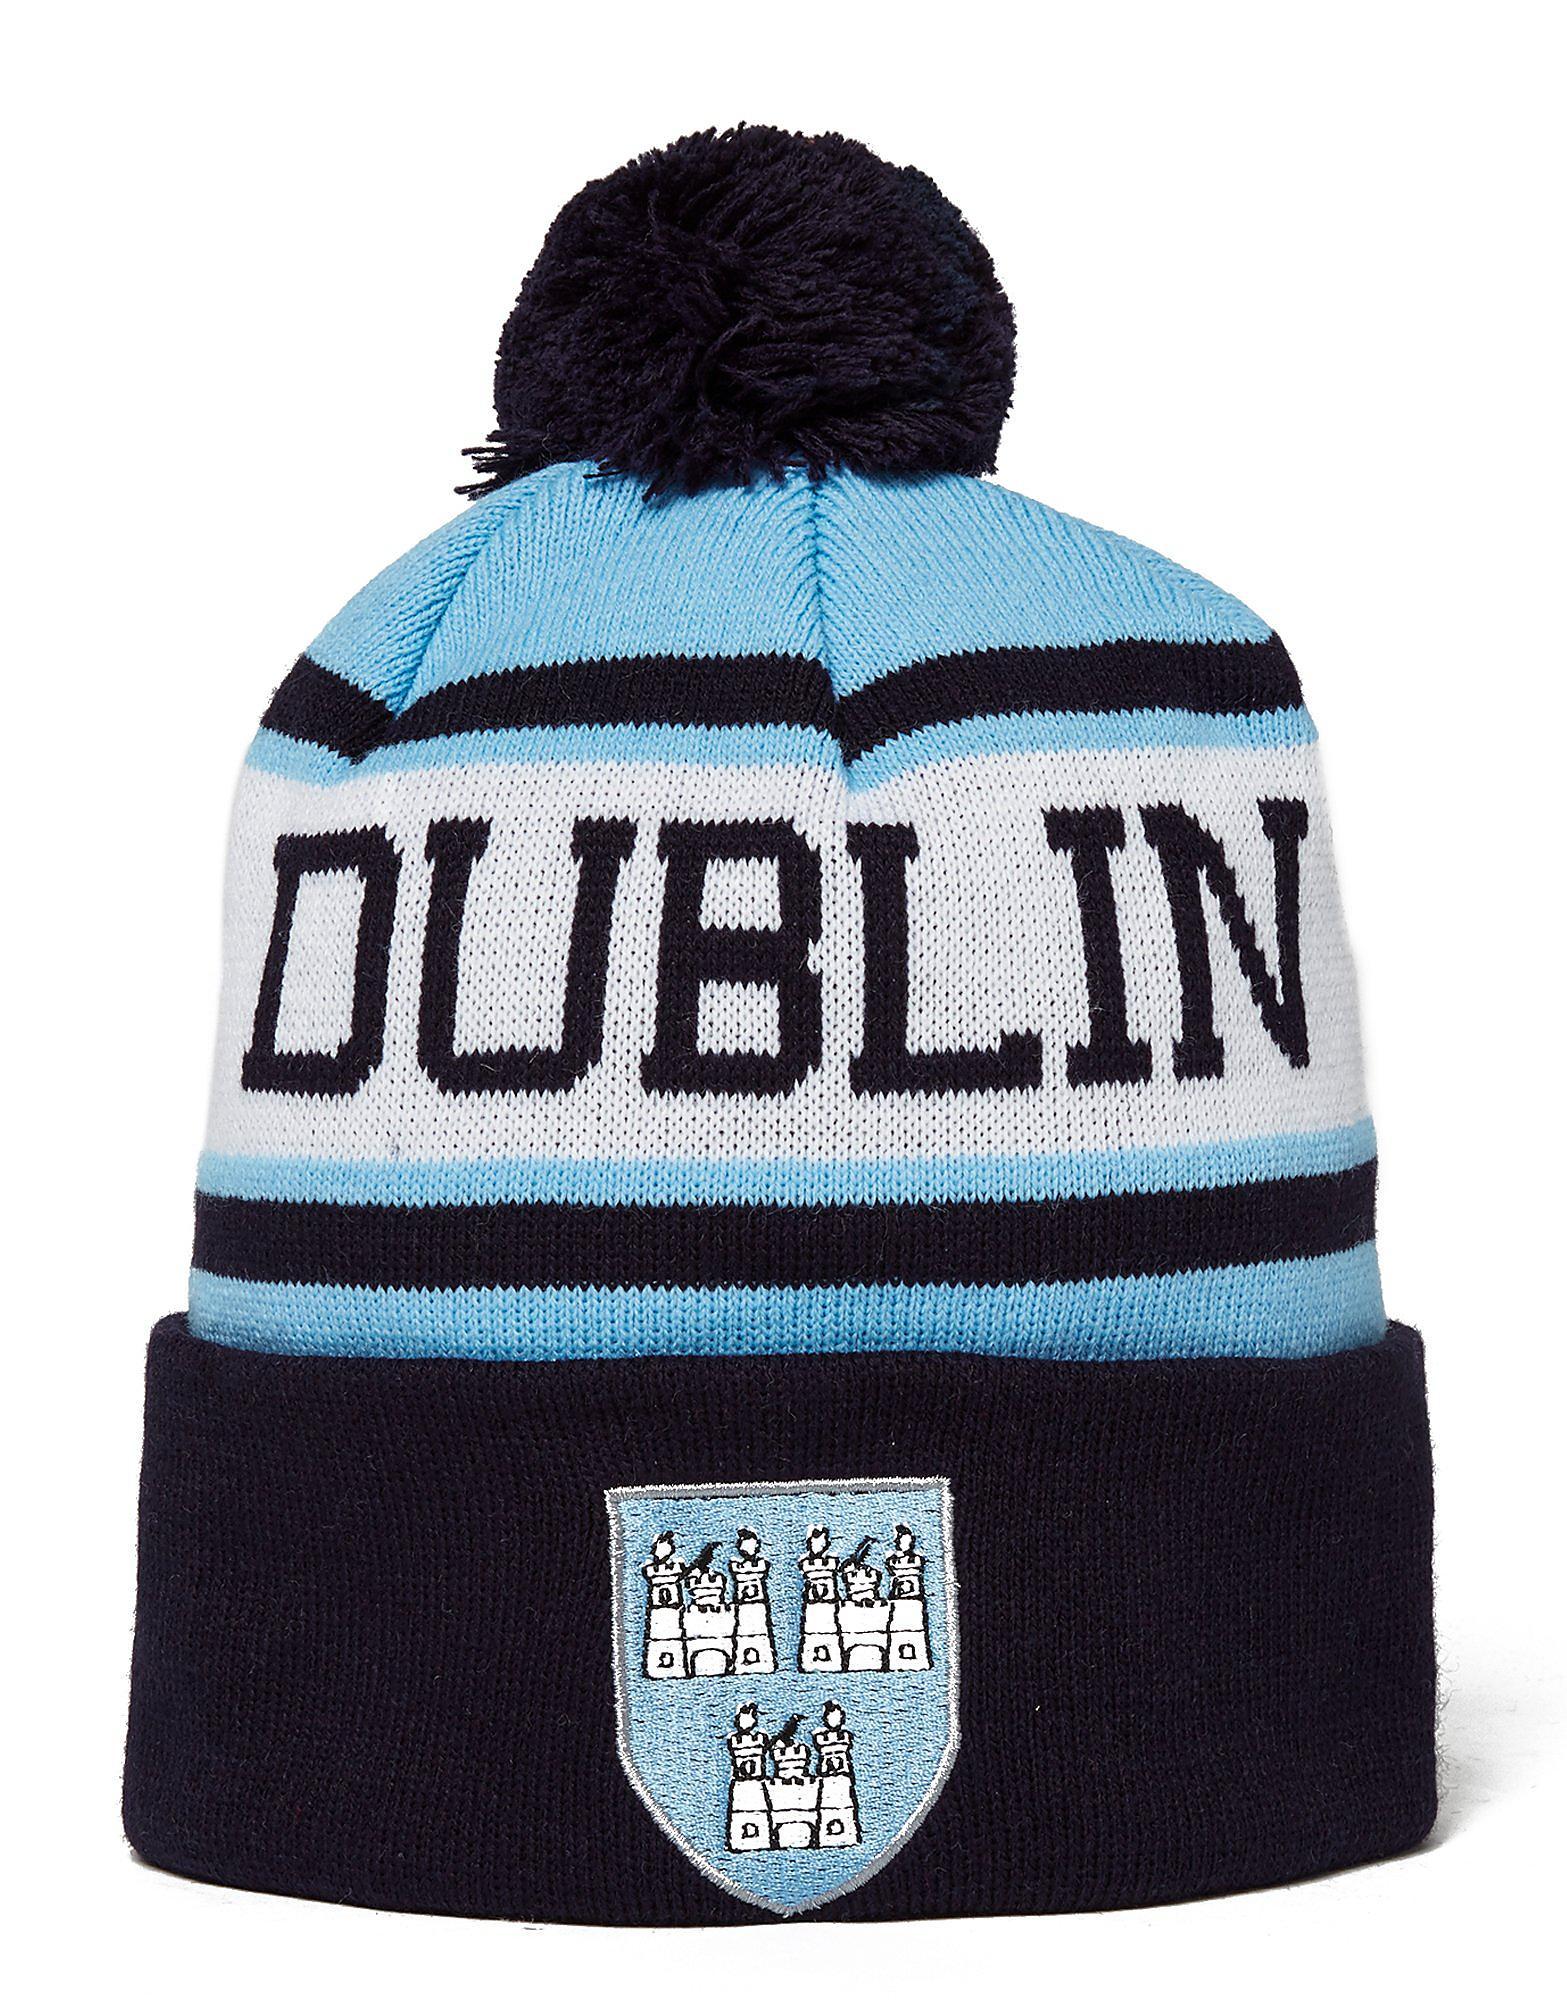 Official Team Dublin Beanie